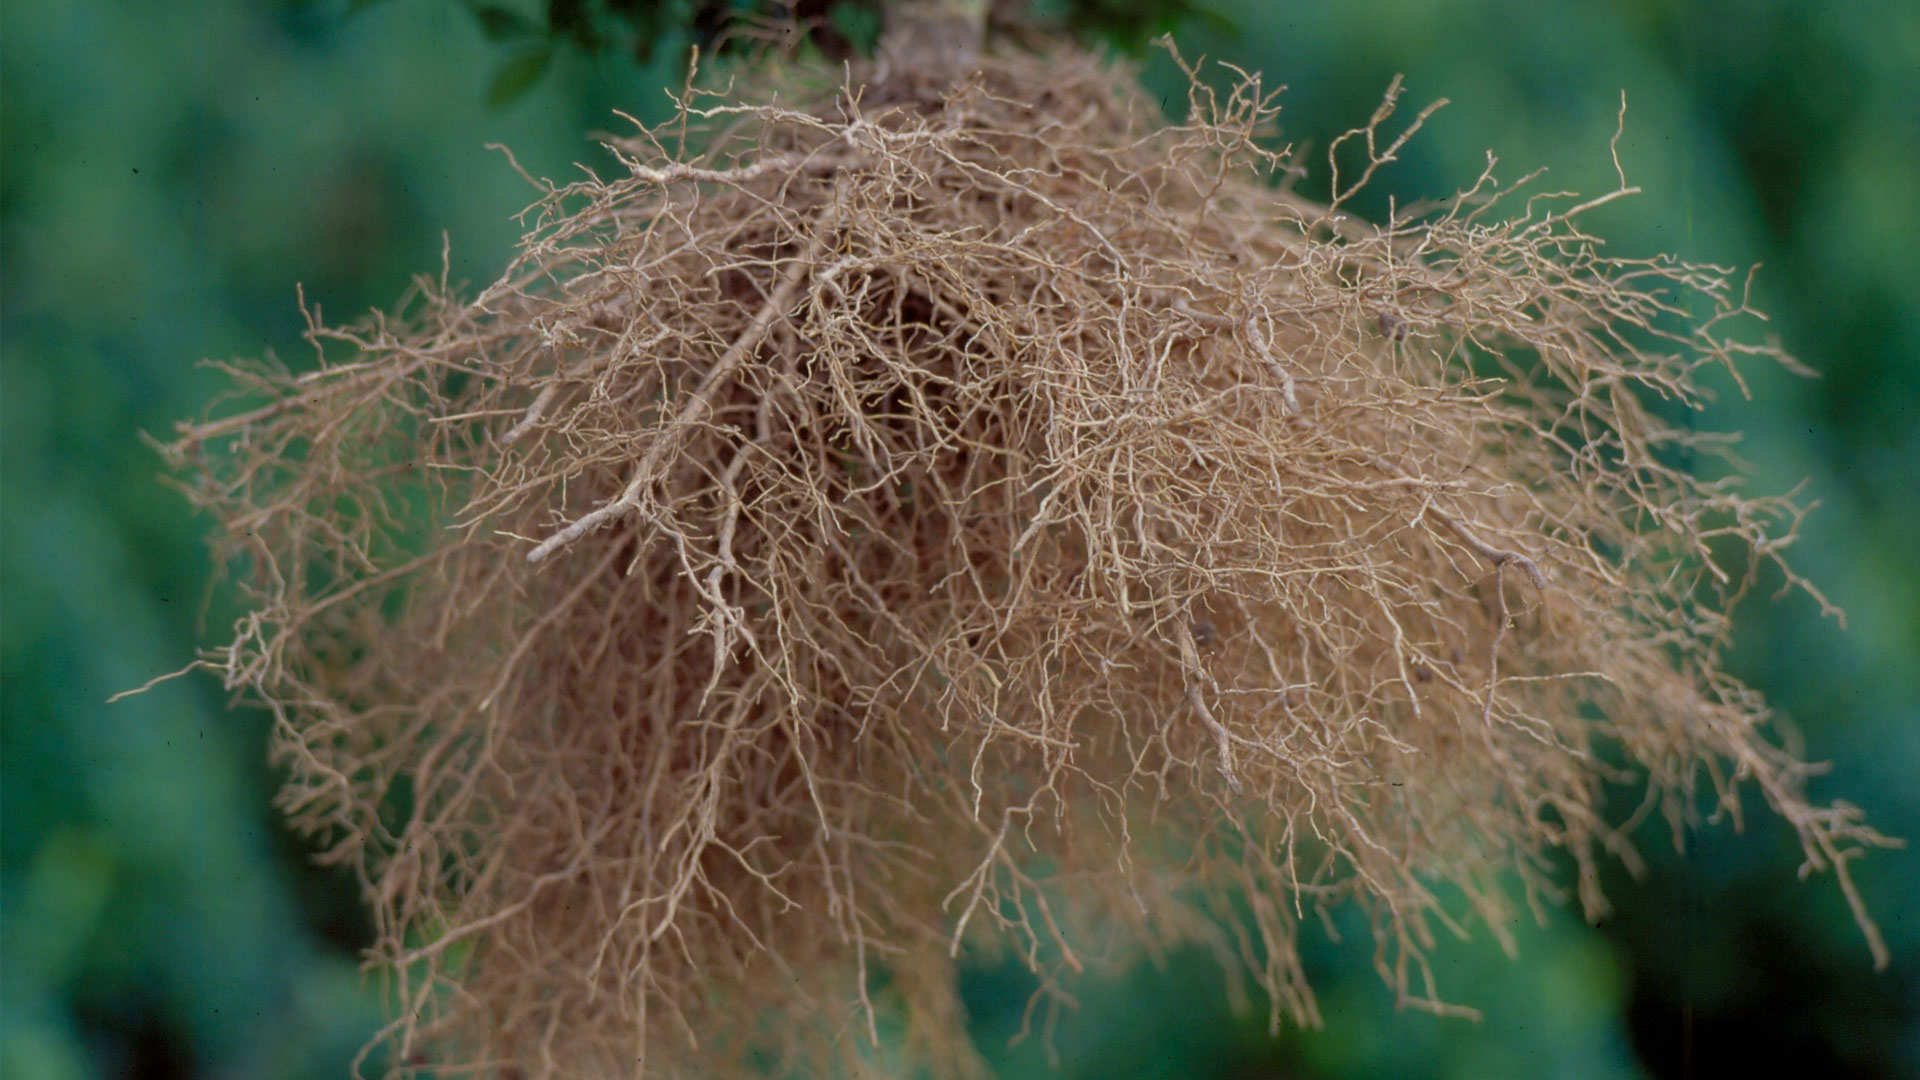 De groei van gezonde en stevige wortels verzekeren bij het aanplanten